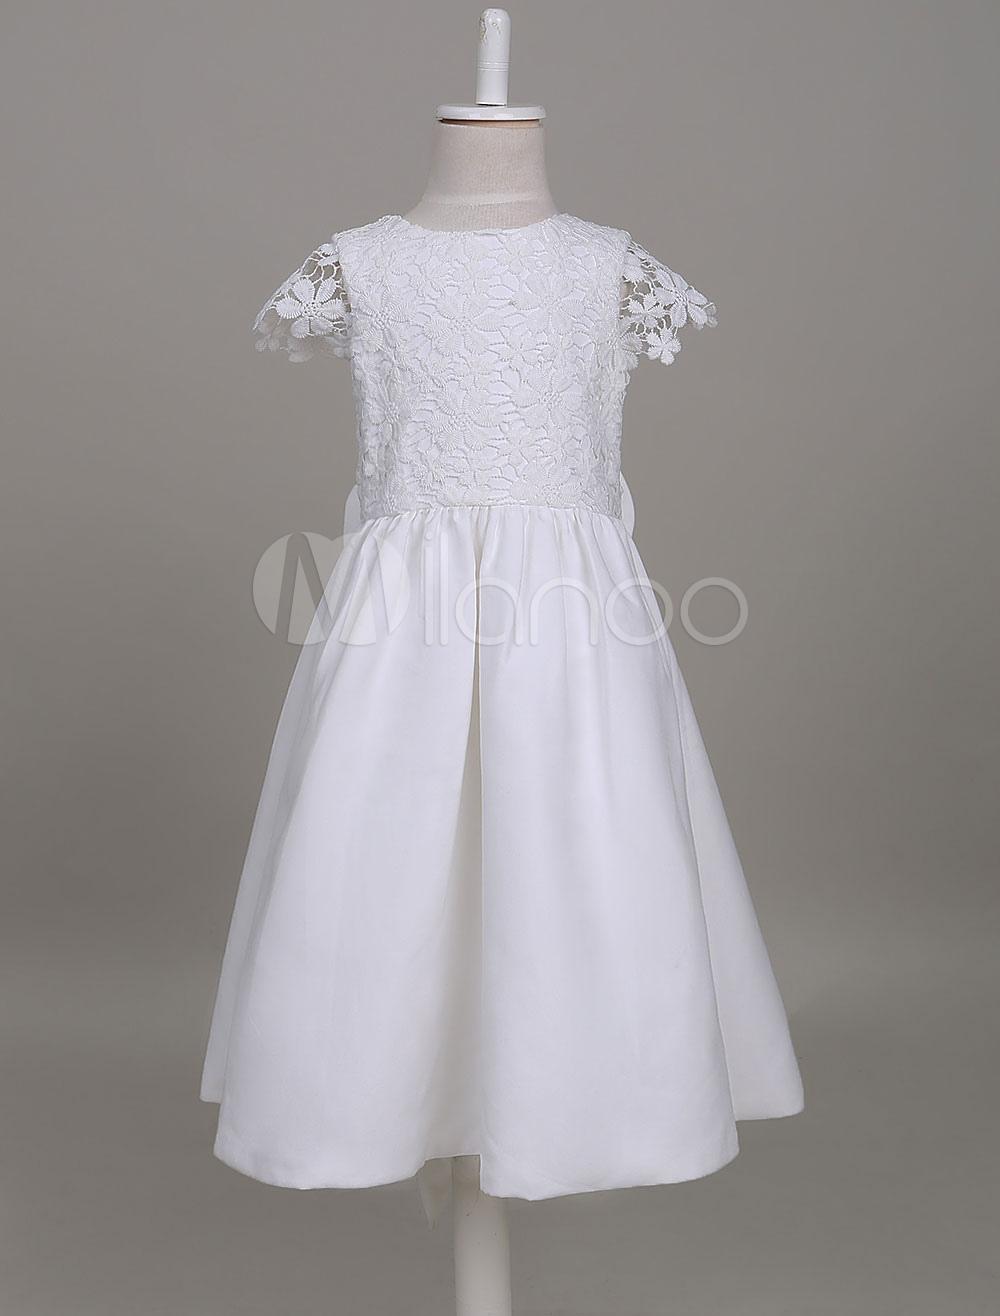 396d620b5 Vestidos de niña de las flores una línea de marfil de manga corta satén de  encaje niños vestido de fiesta social para niñas